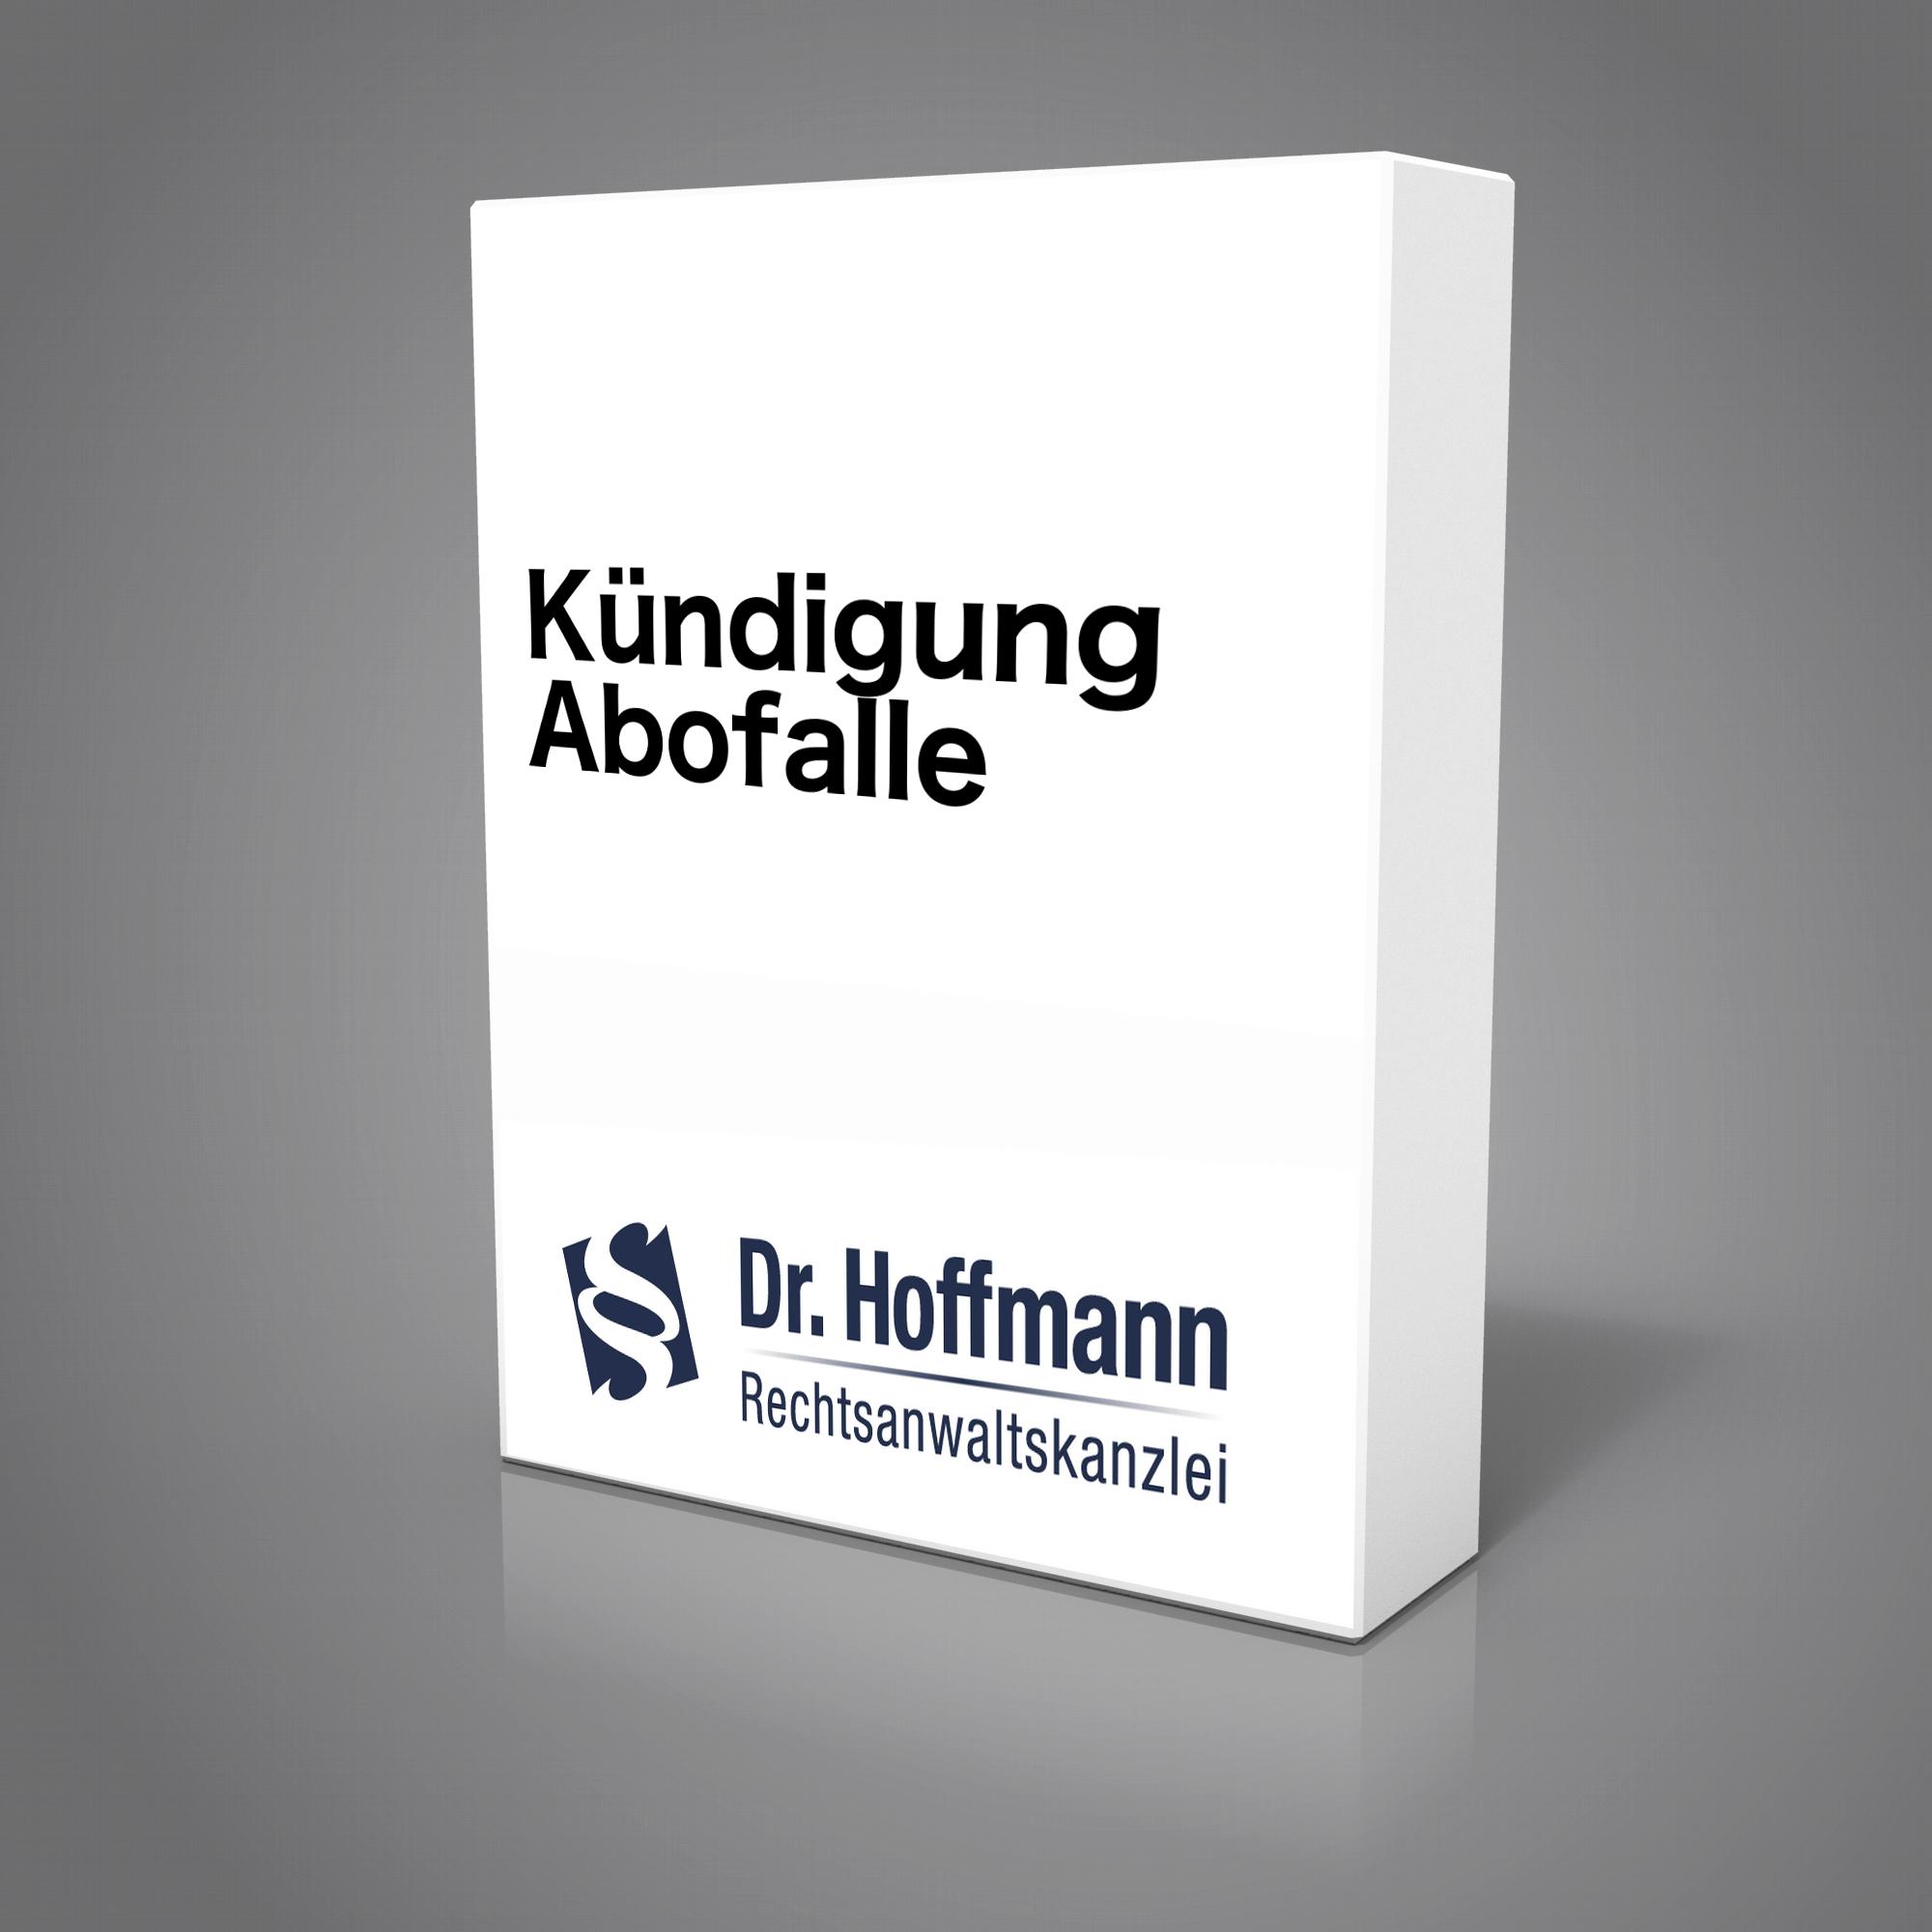 News | Rechtsanwalt Dr. Hoffmann